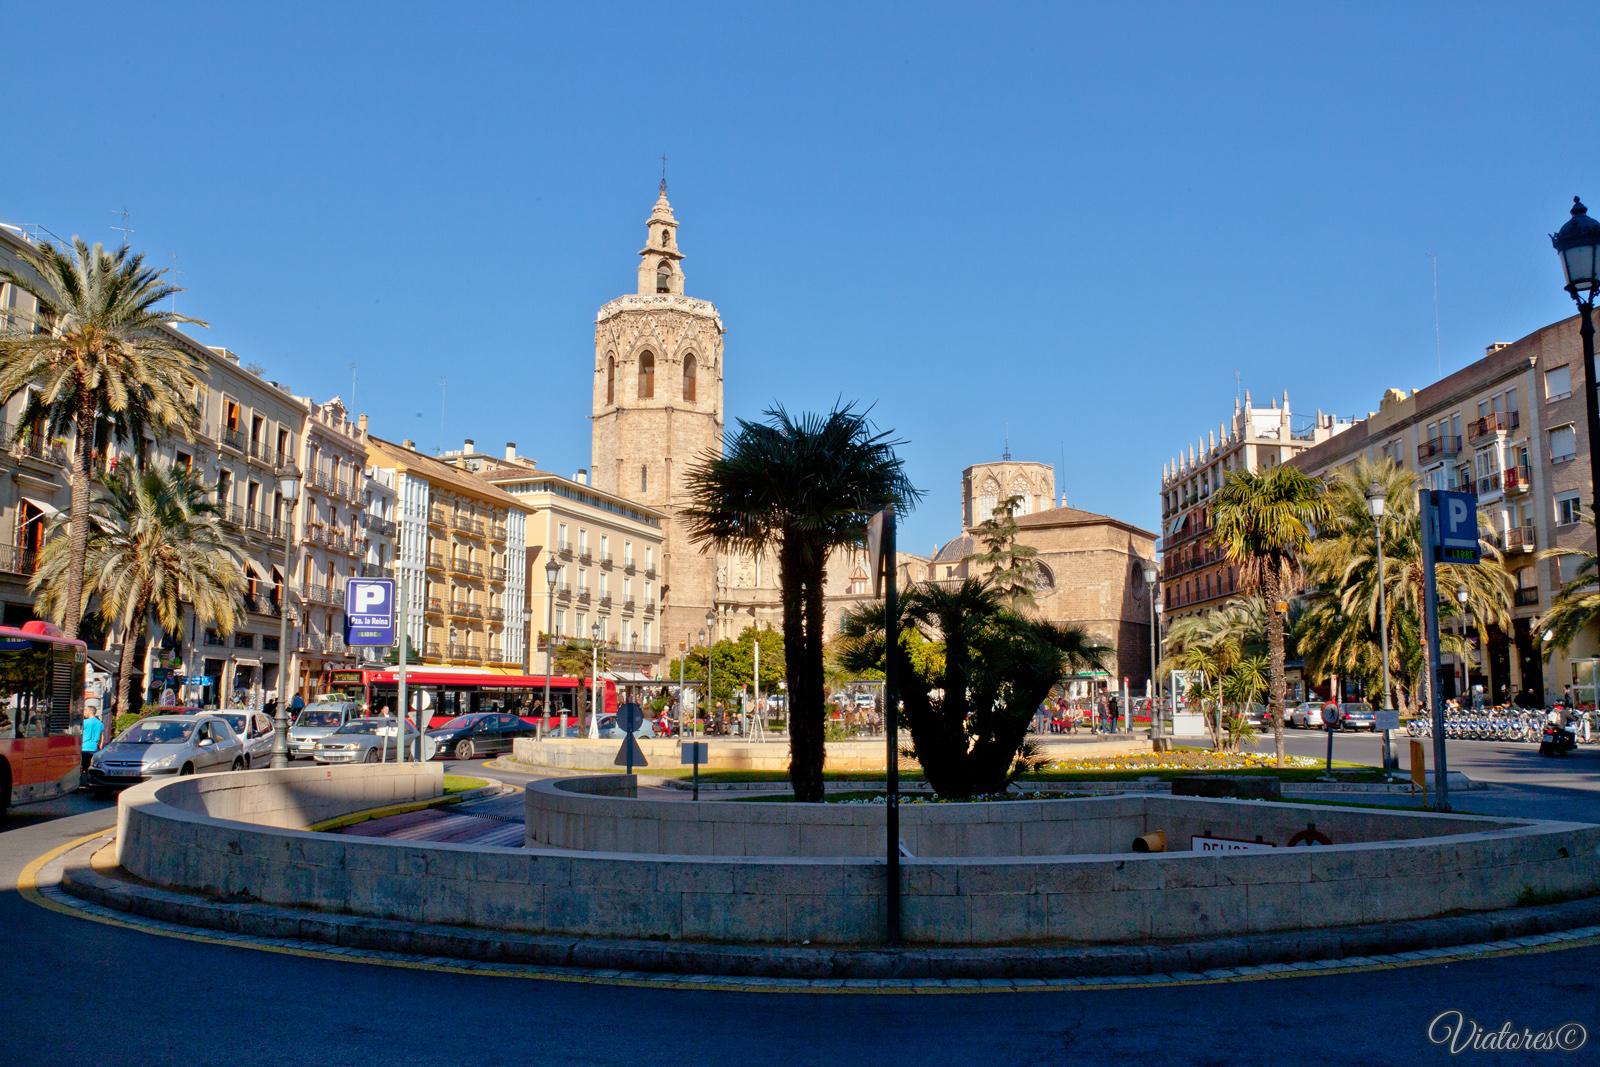 Plaça de la Reina. Valencia. Spain